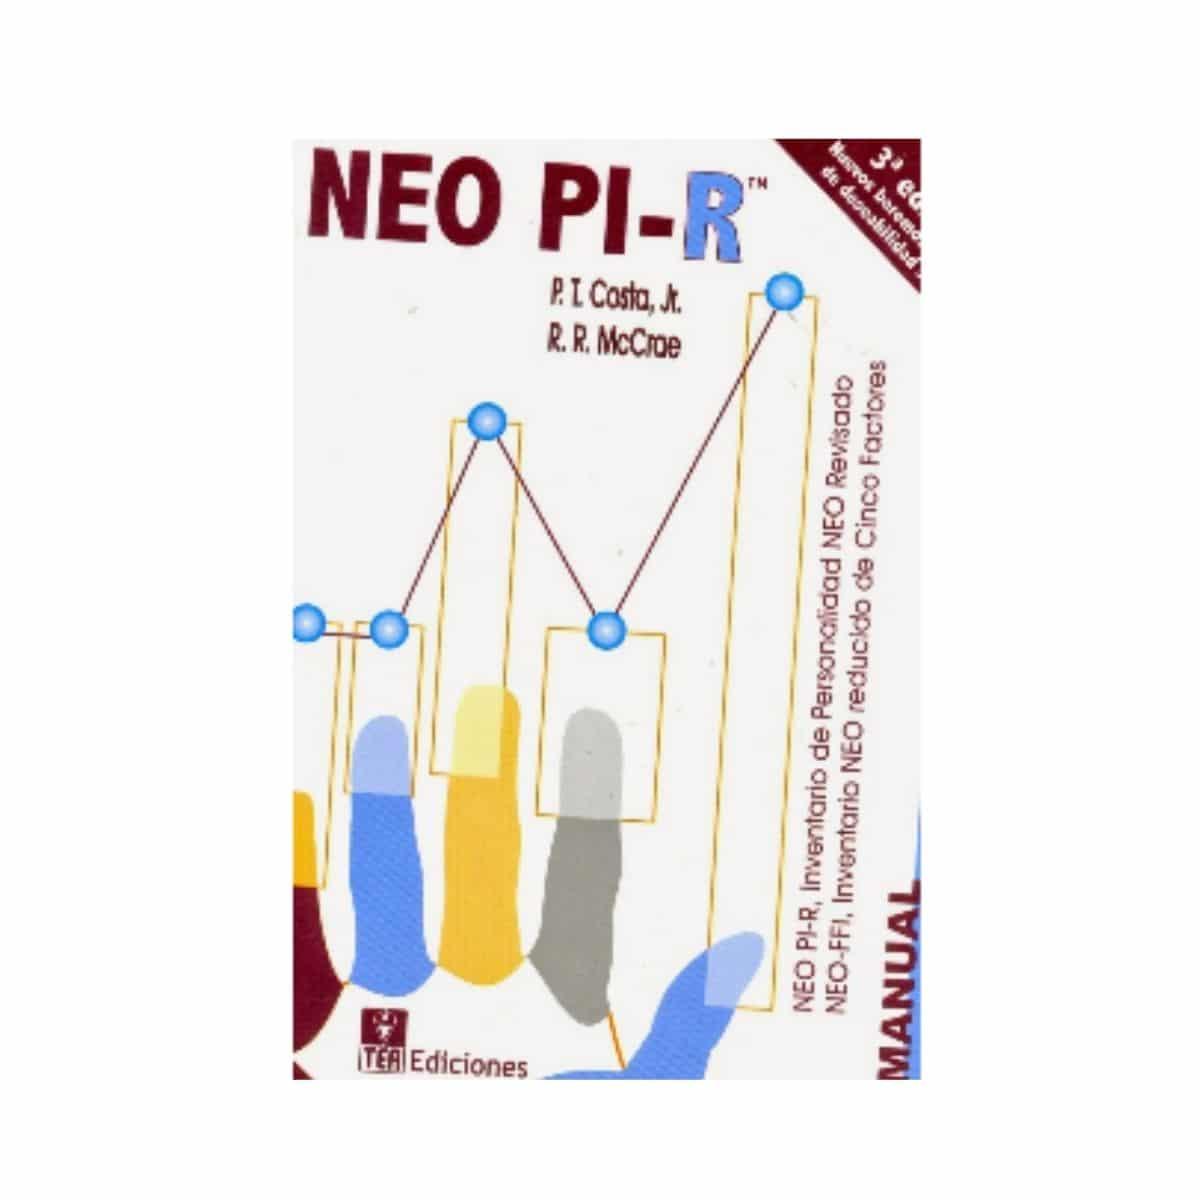 NEO PI-R | Inventario de Personalidad Neo - Revisado